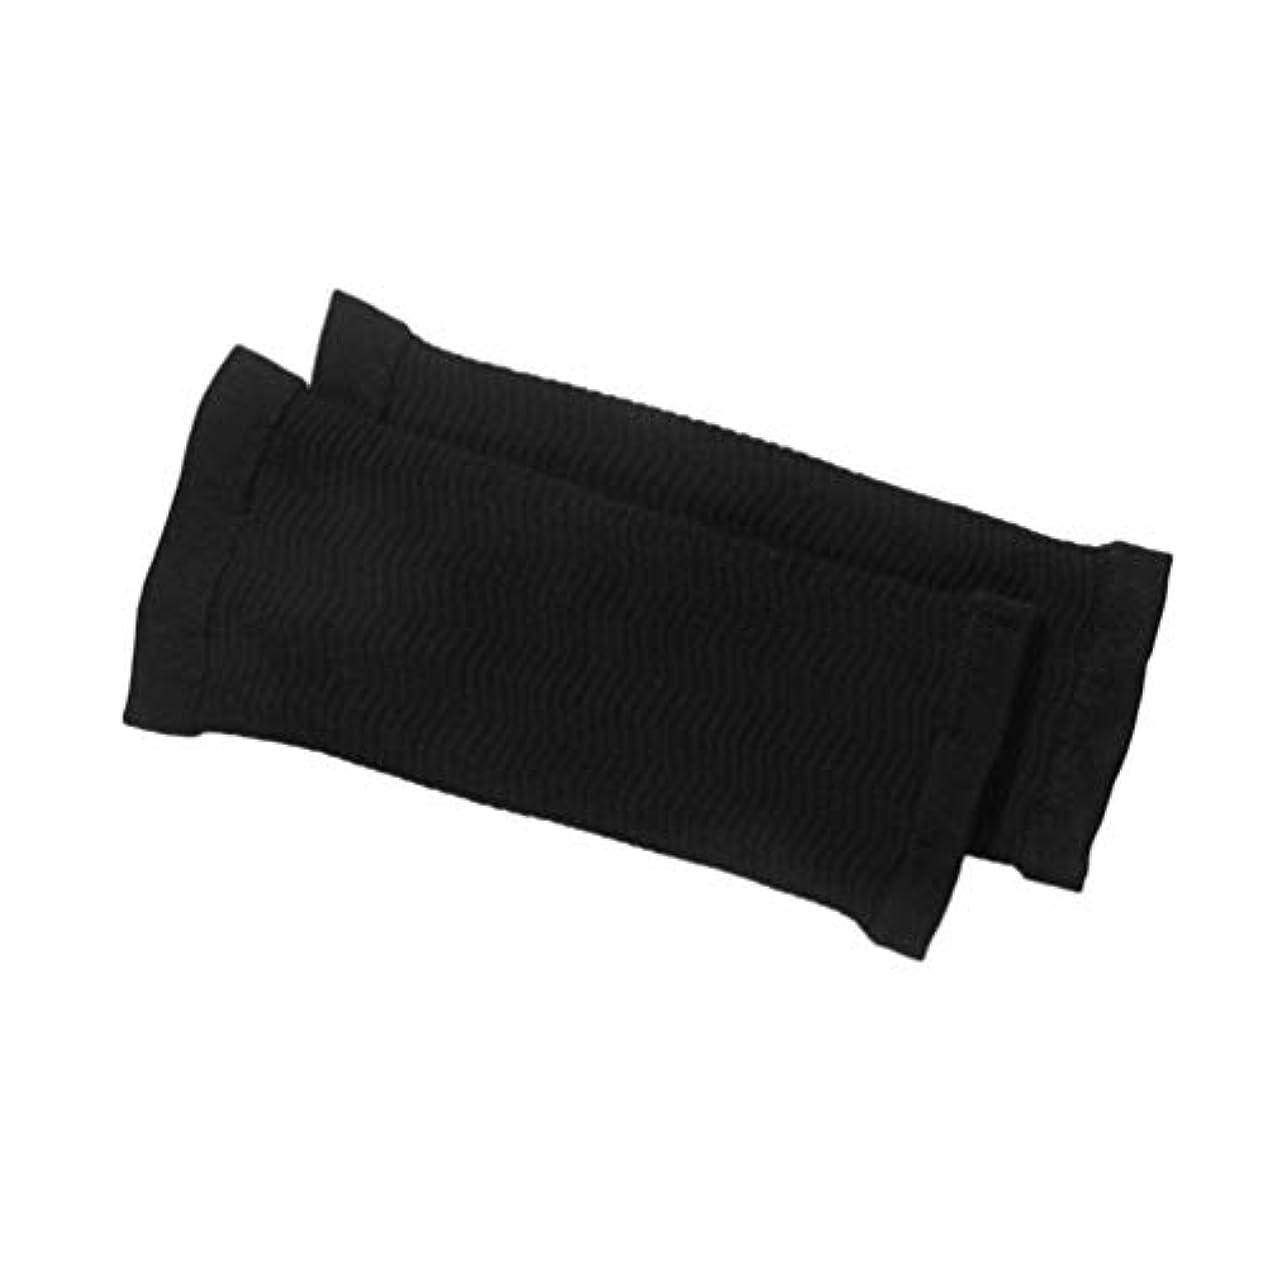 命令的半ば固有の1ペア420 D圧縮痩身アームスリーブワークアウトトーニングバーンセルライトシェイパー脂肪燃焼袖用女性 - 黒